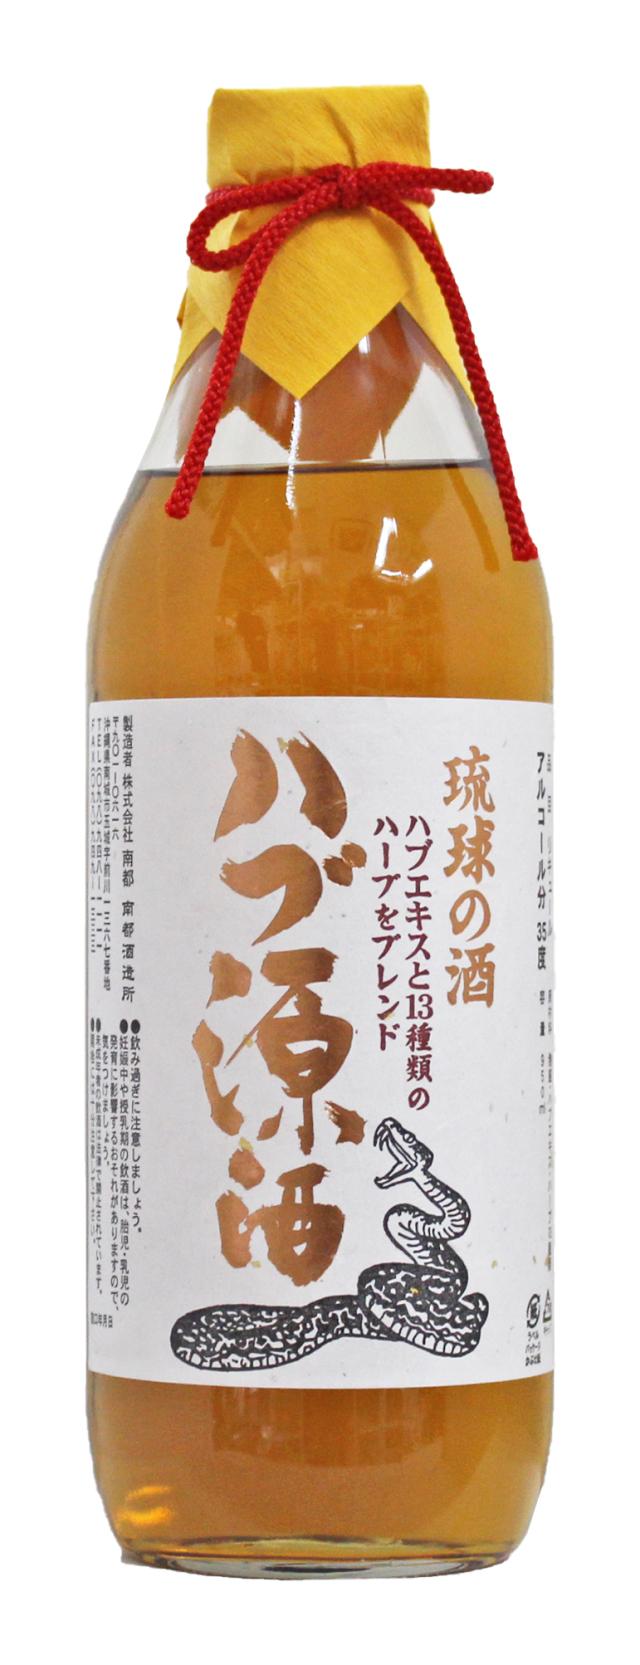 琉球の酒 ハブ源酒 35度 950ml